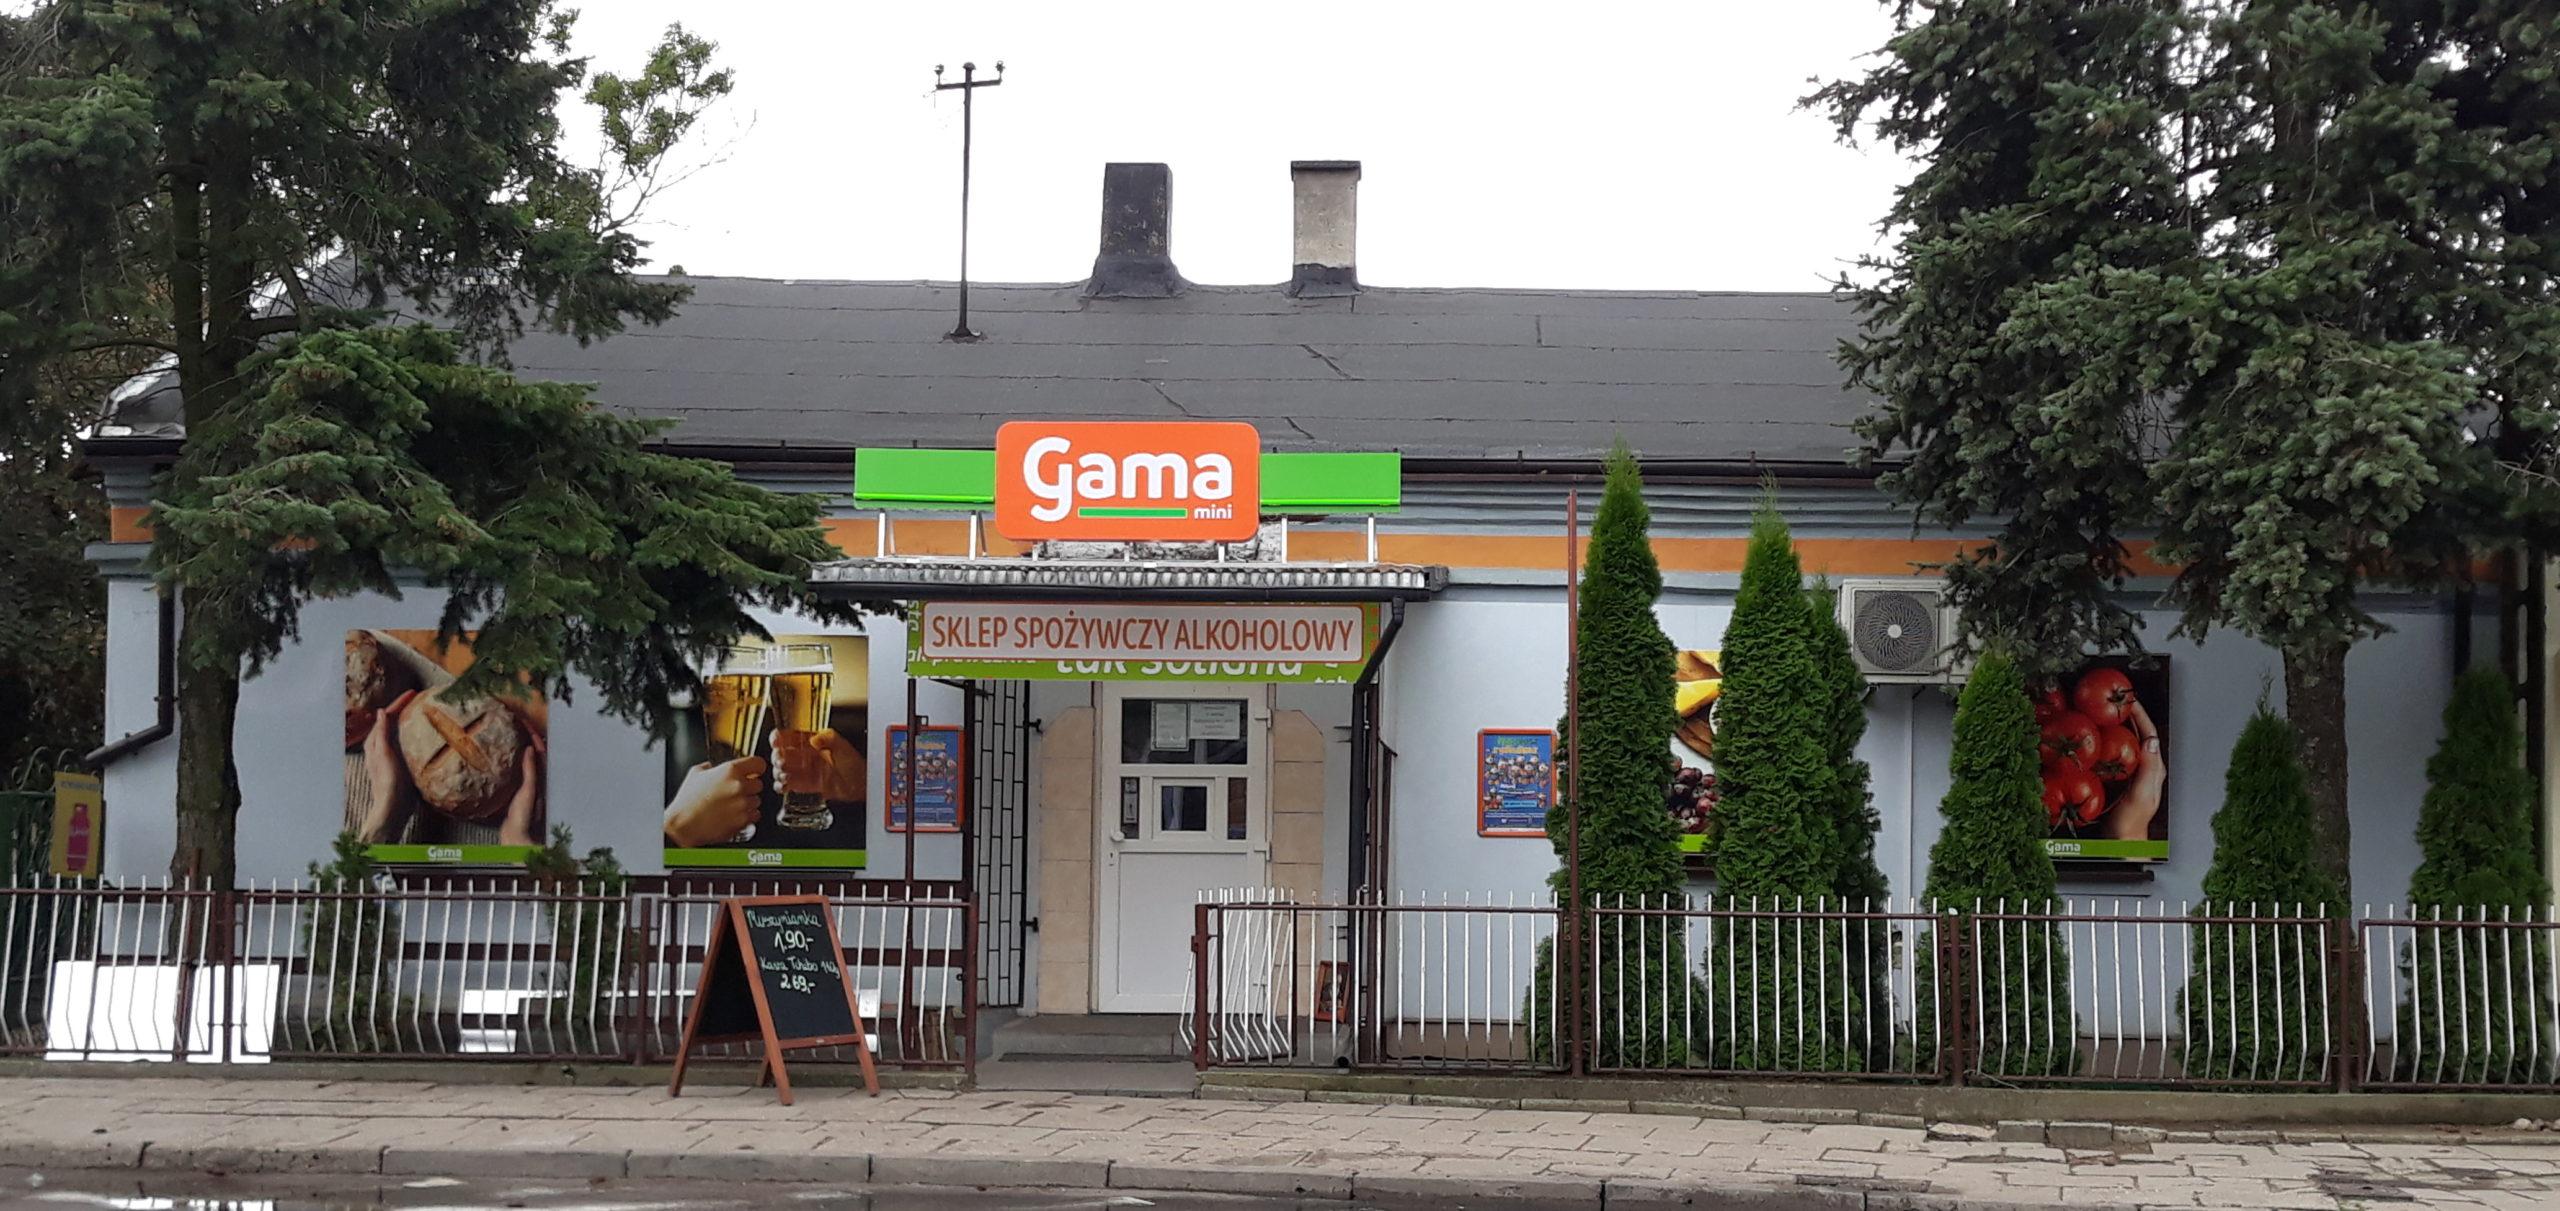 Gama mini otwarta w Witonii